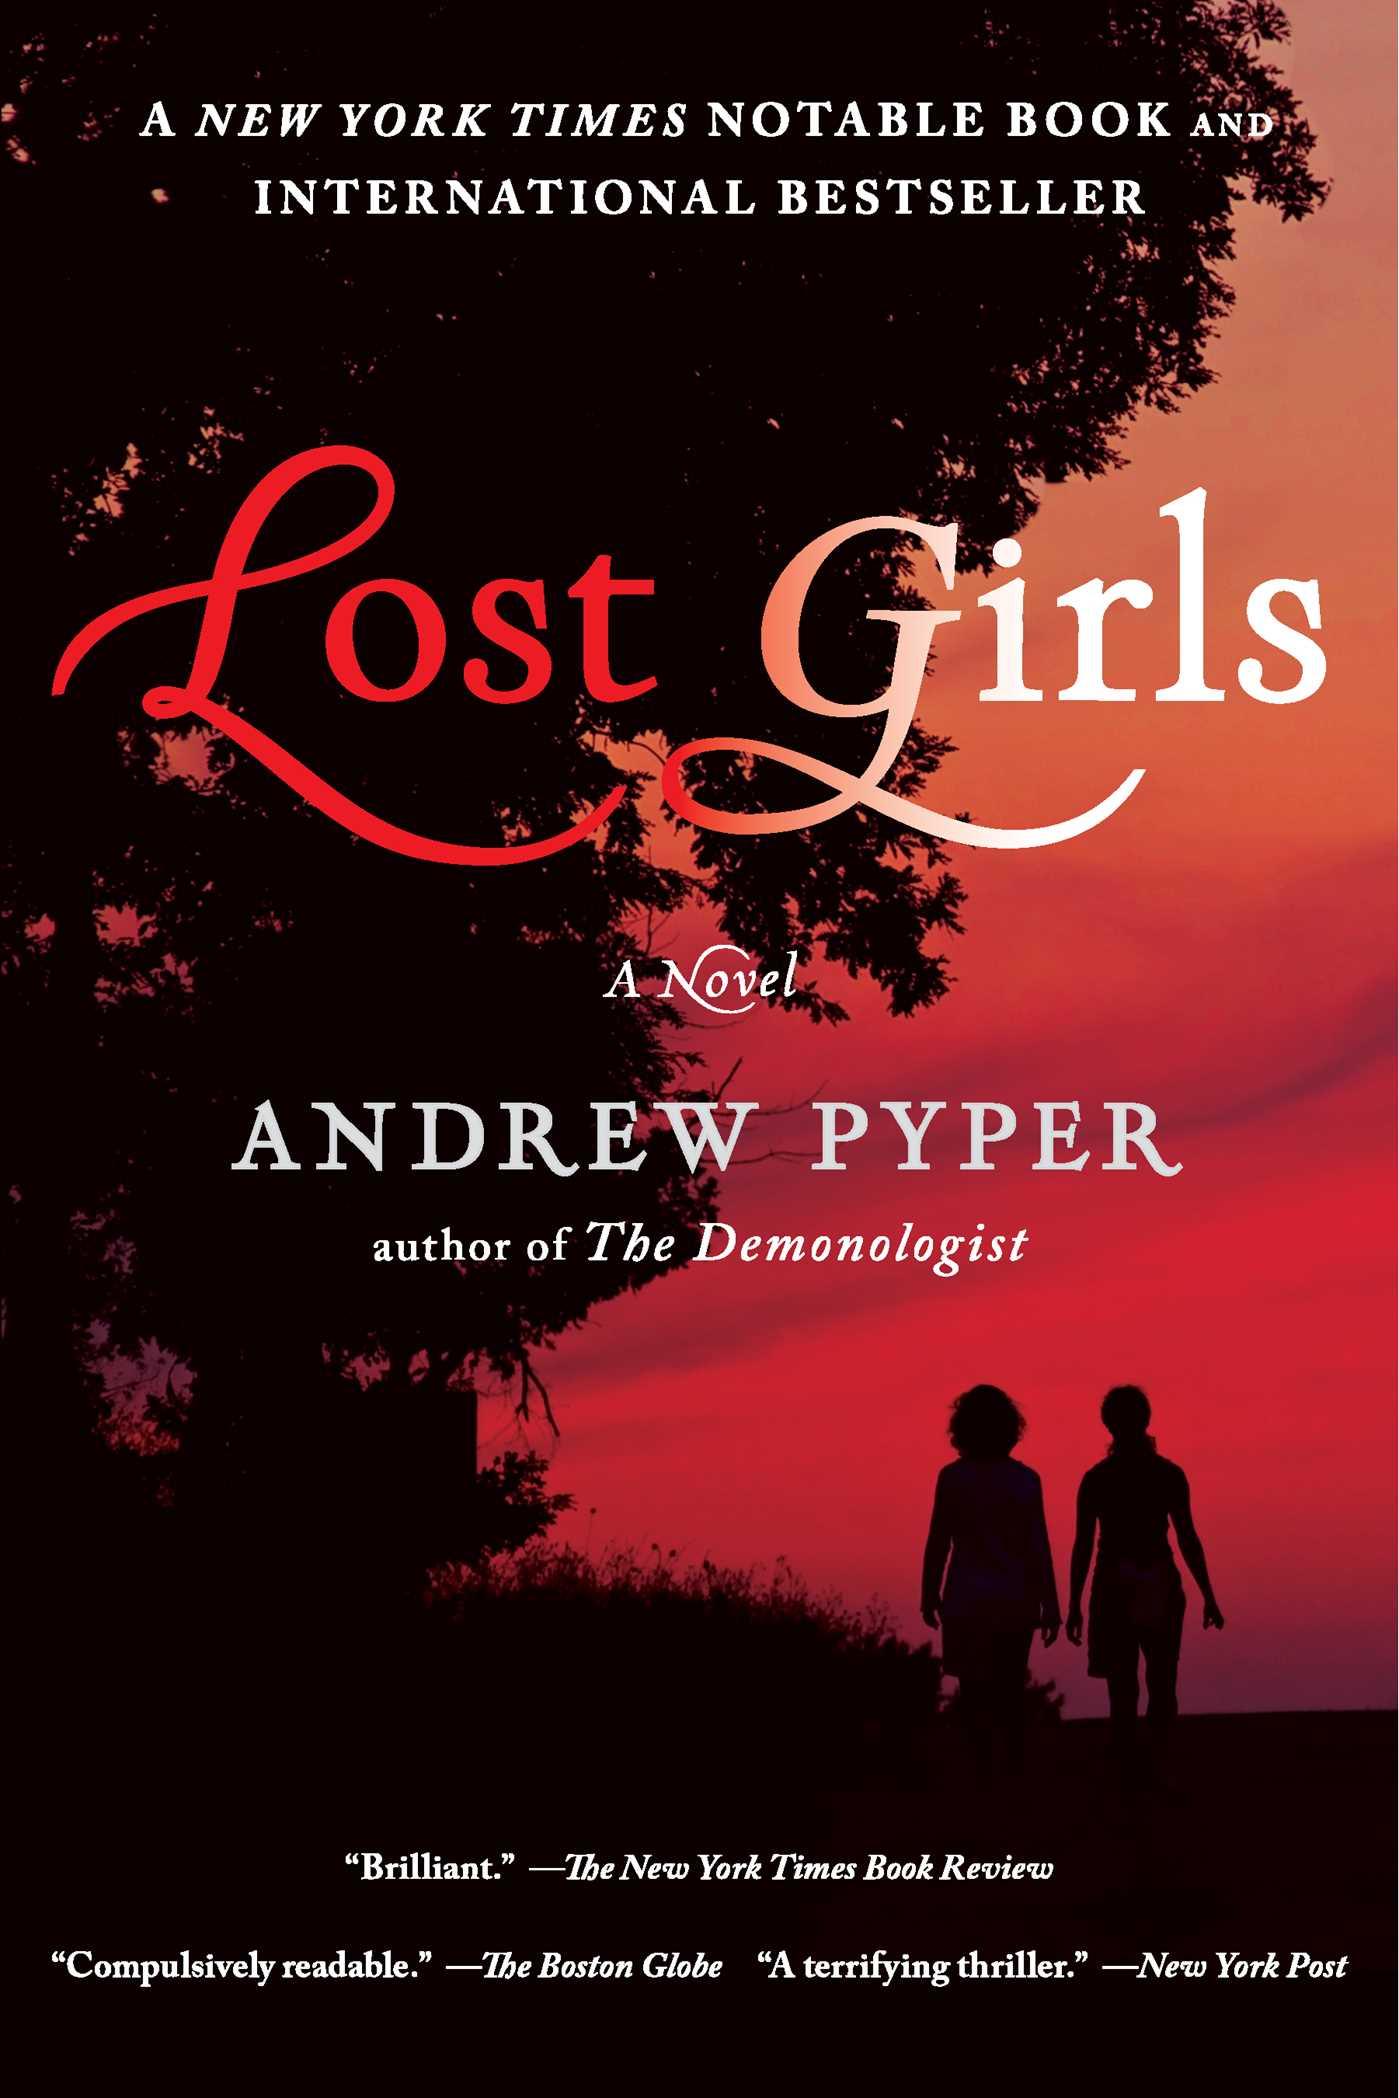 Lost girls 9781476764511 hr